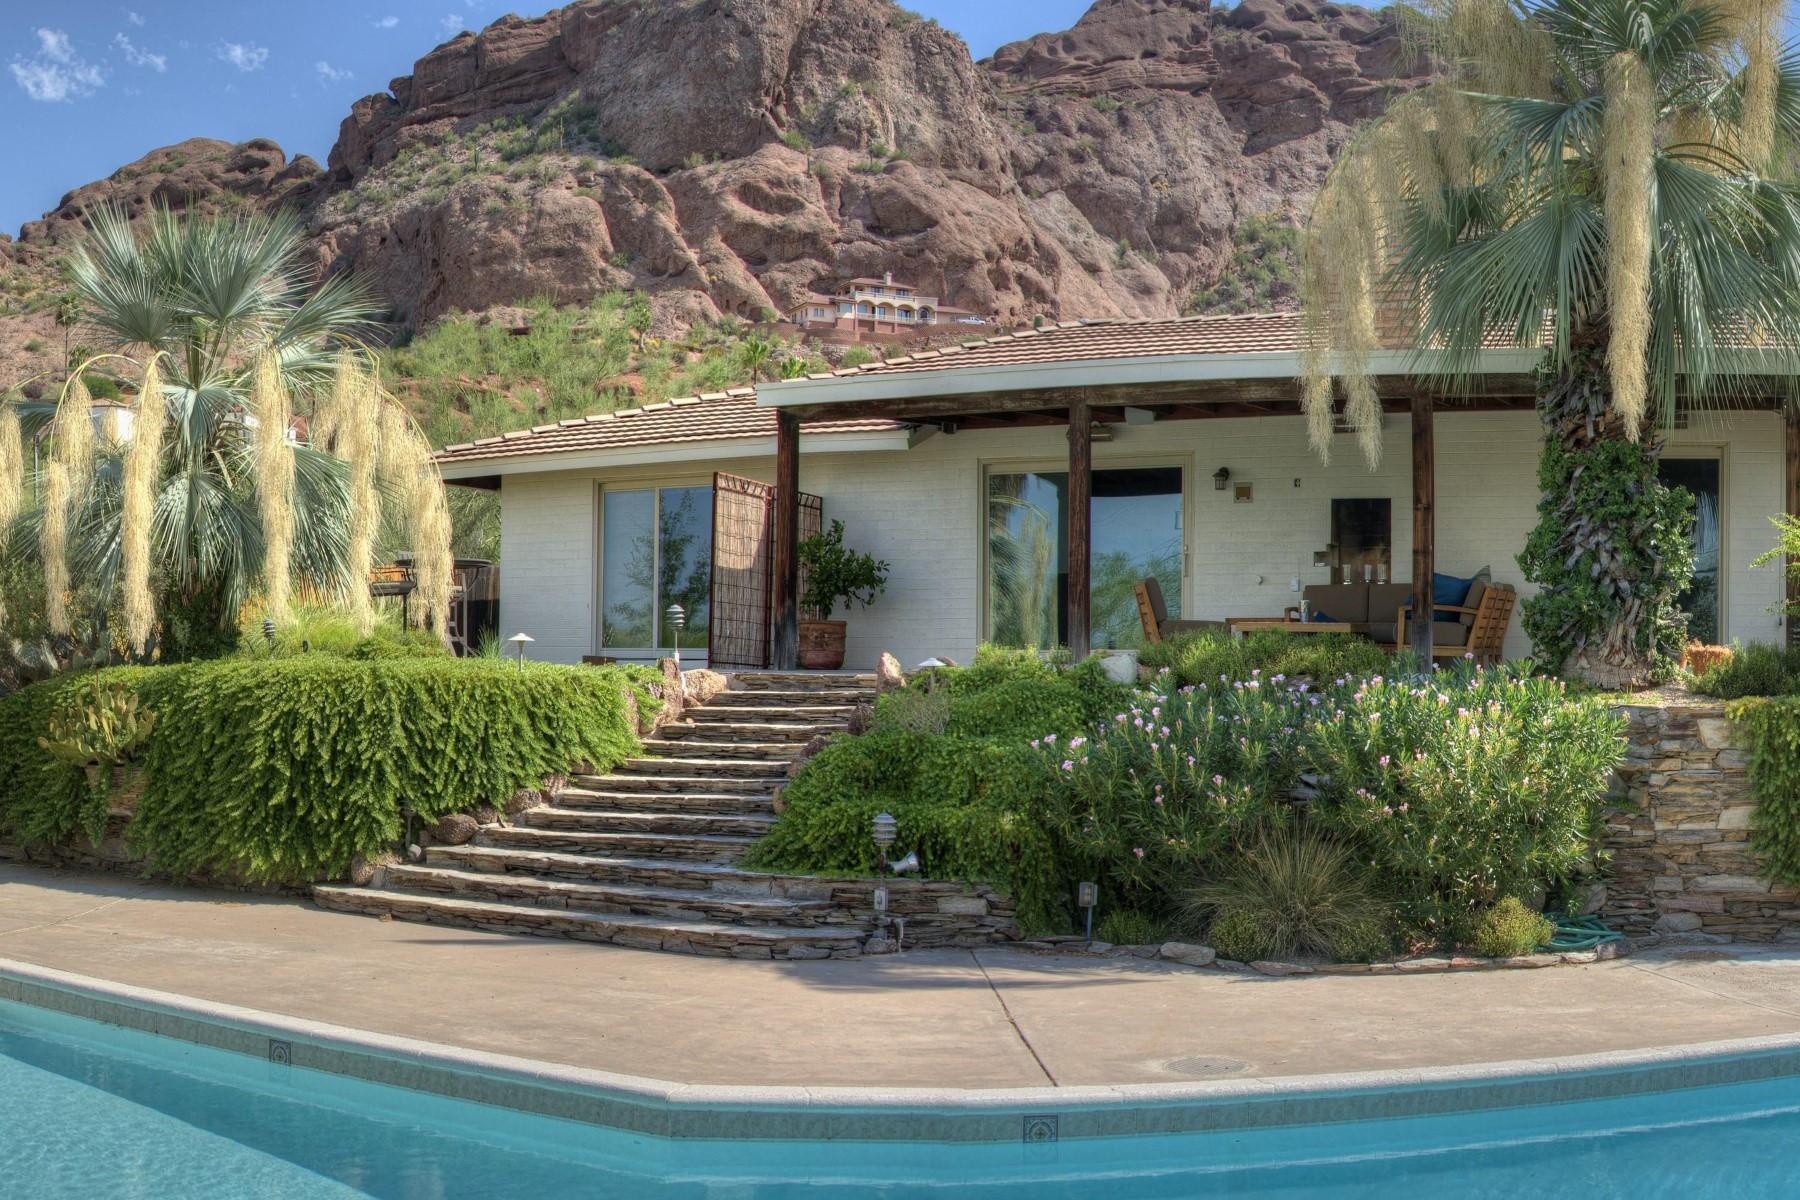 Land für Verkauf beim Opportunity to live in the Best location in town with Spectacular Mountain Views 4905 E WHITE GATES DR 12 Phoenix, Arizona 85018 Vereinigte Staaten